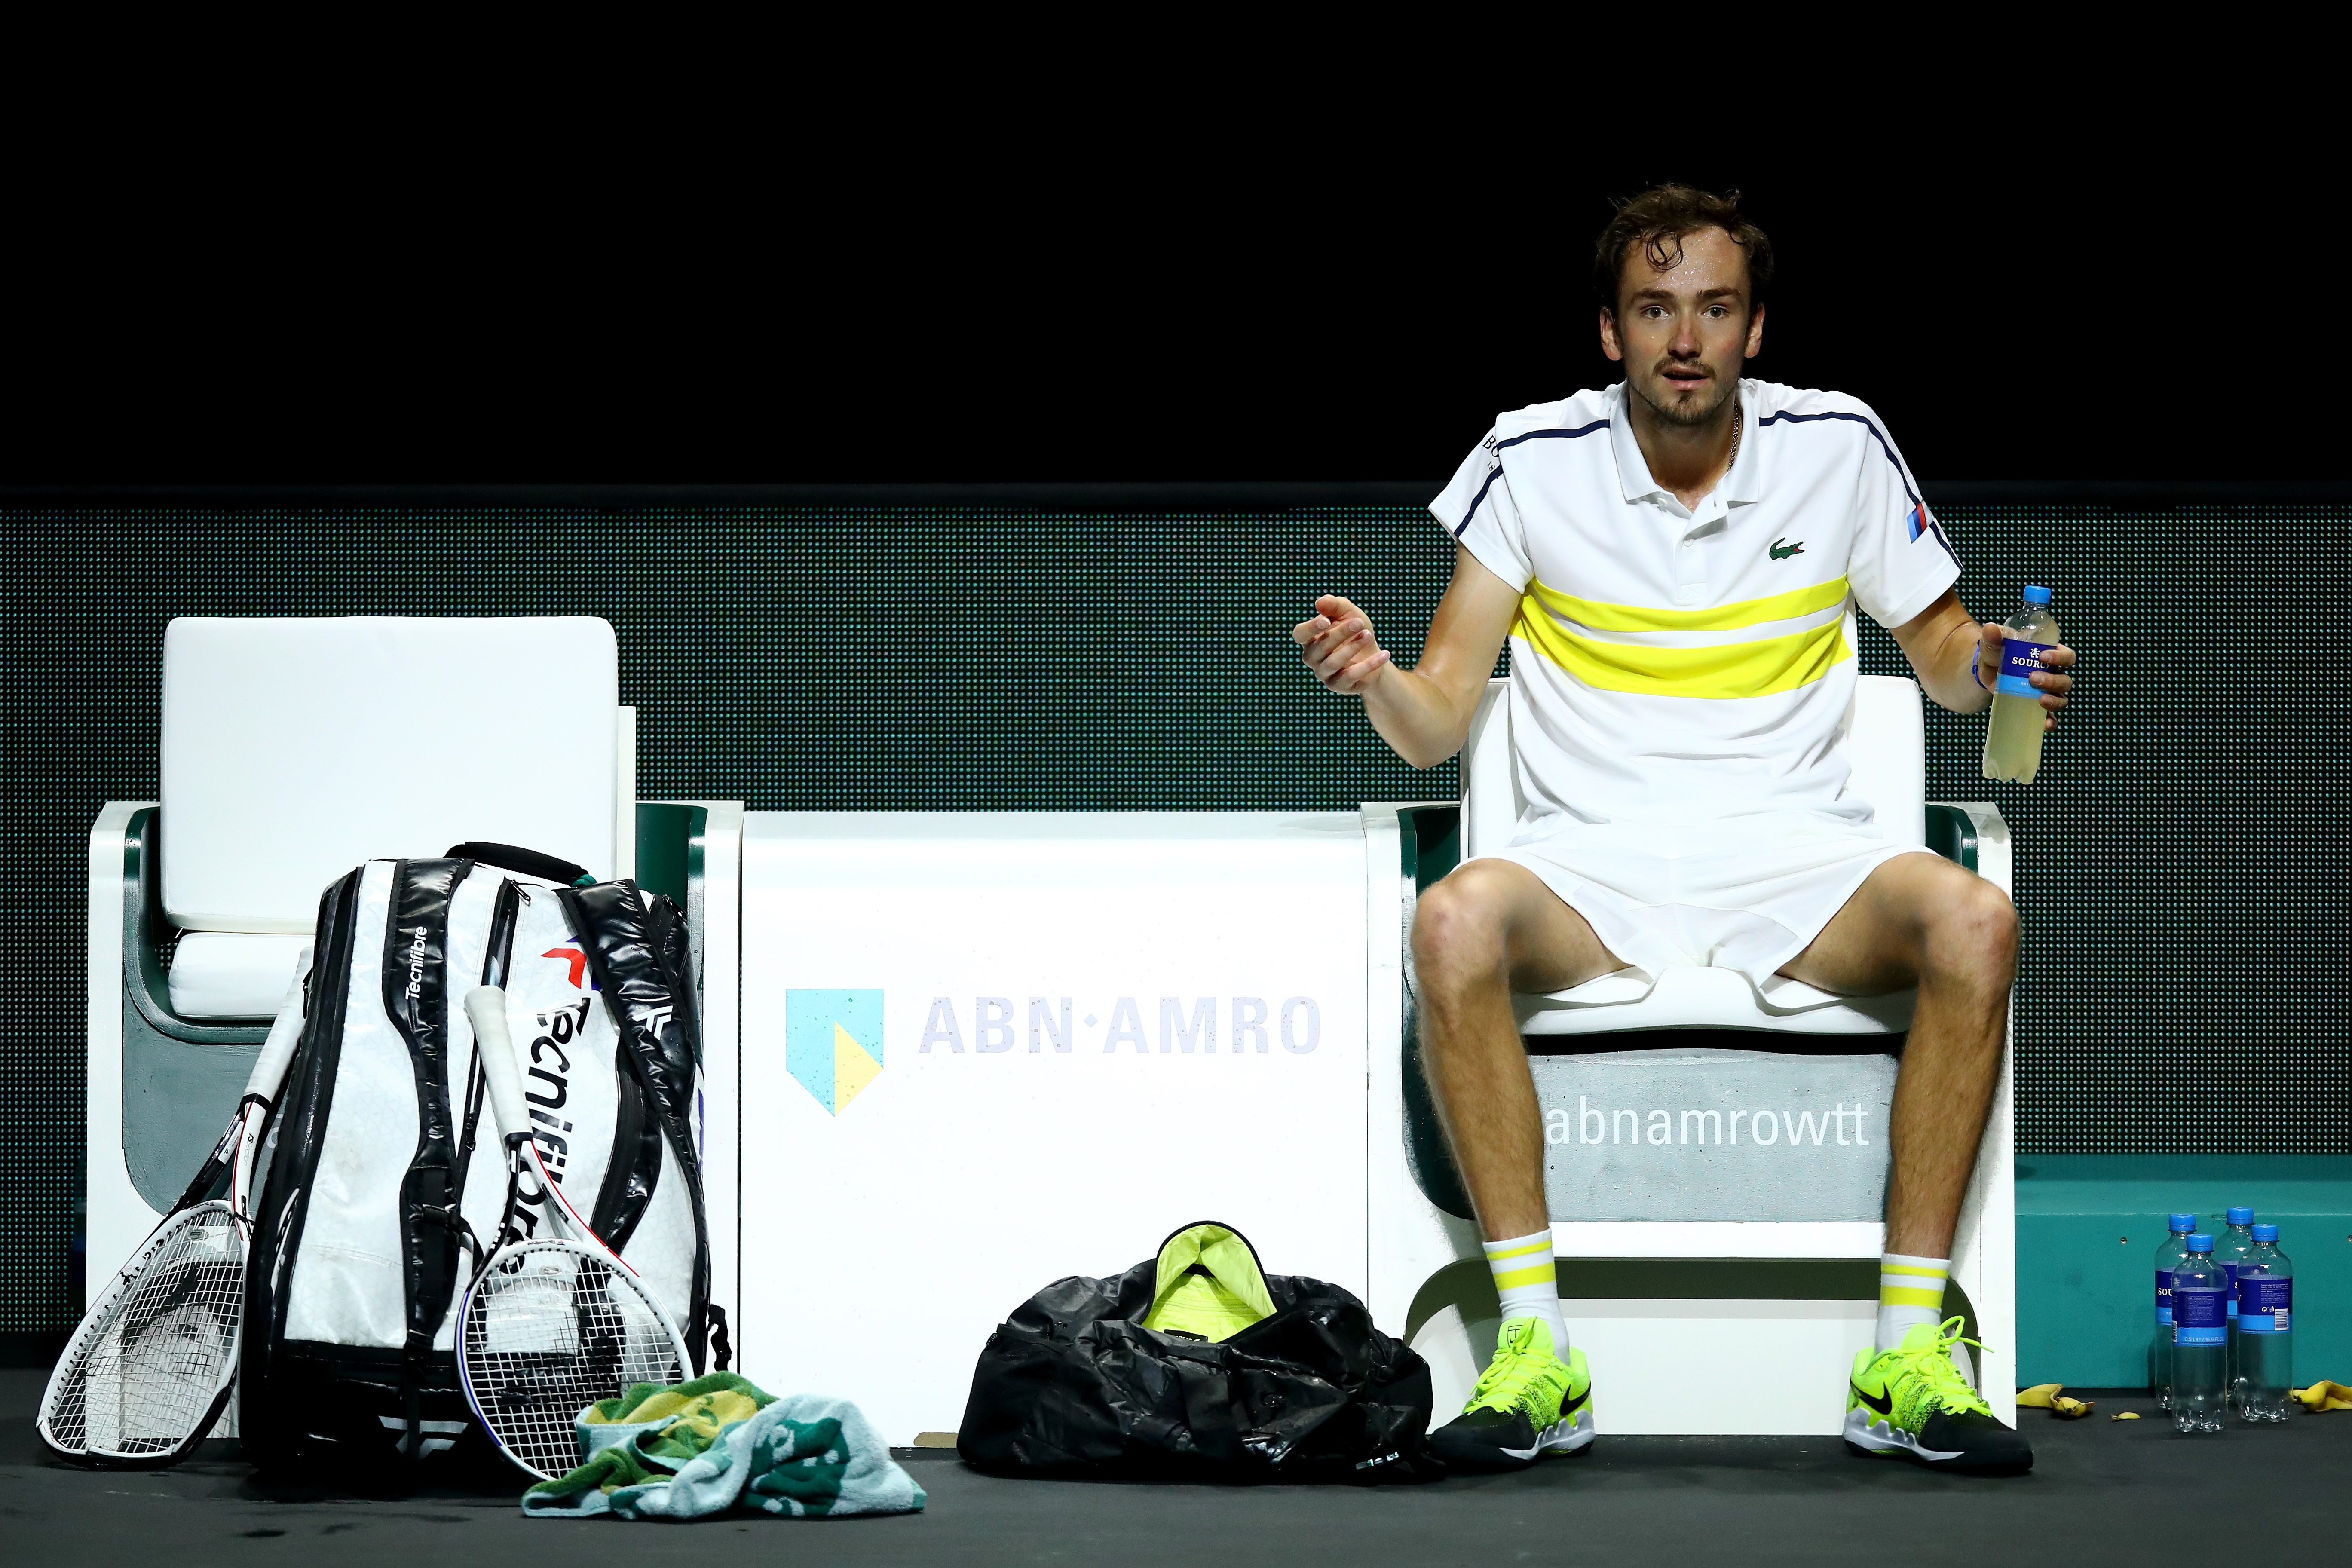 Руската звезда в мъжкия тенис Даниил Медведев е мечтаел да